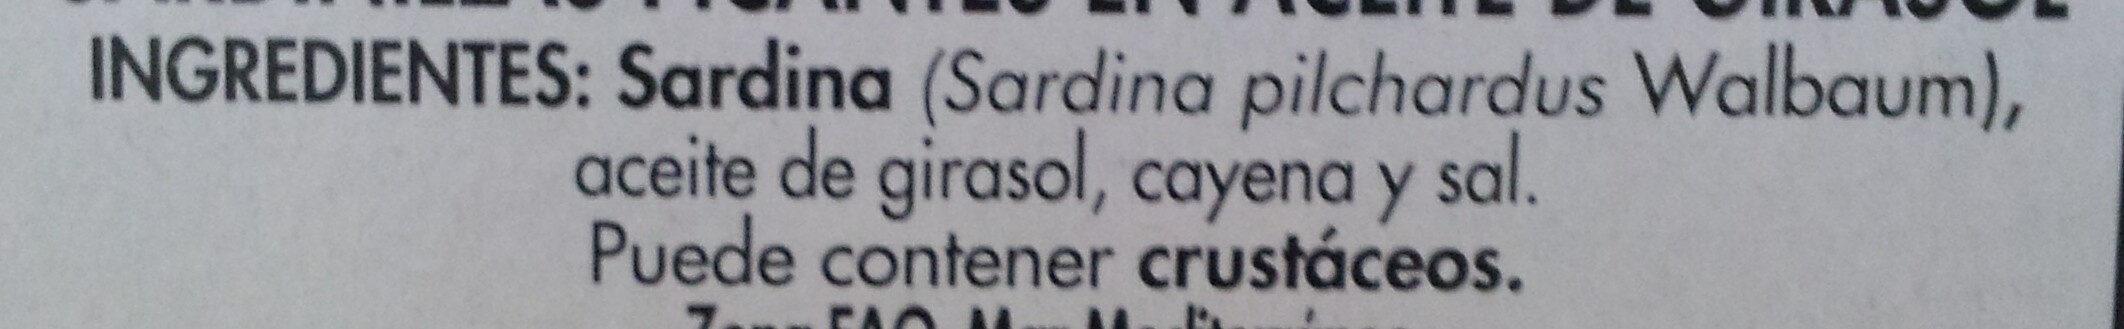 Sardinillas Picantes en Aceite de Girasol - Ingredients - es